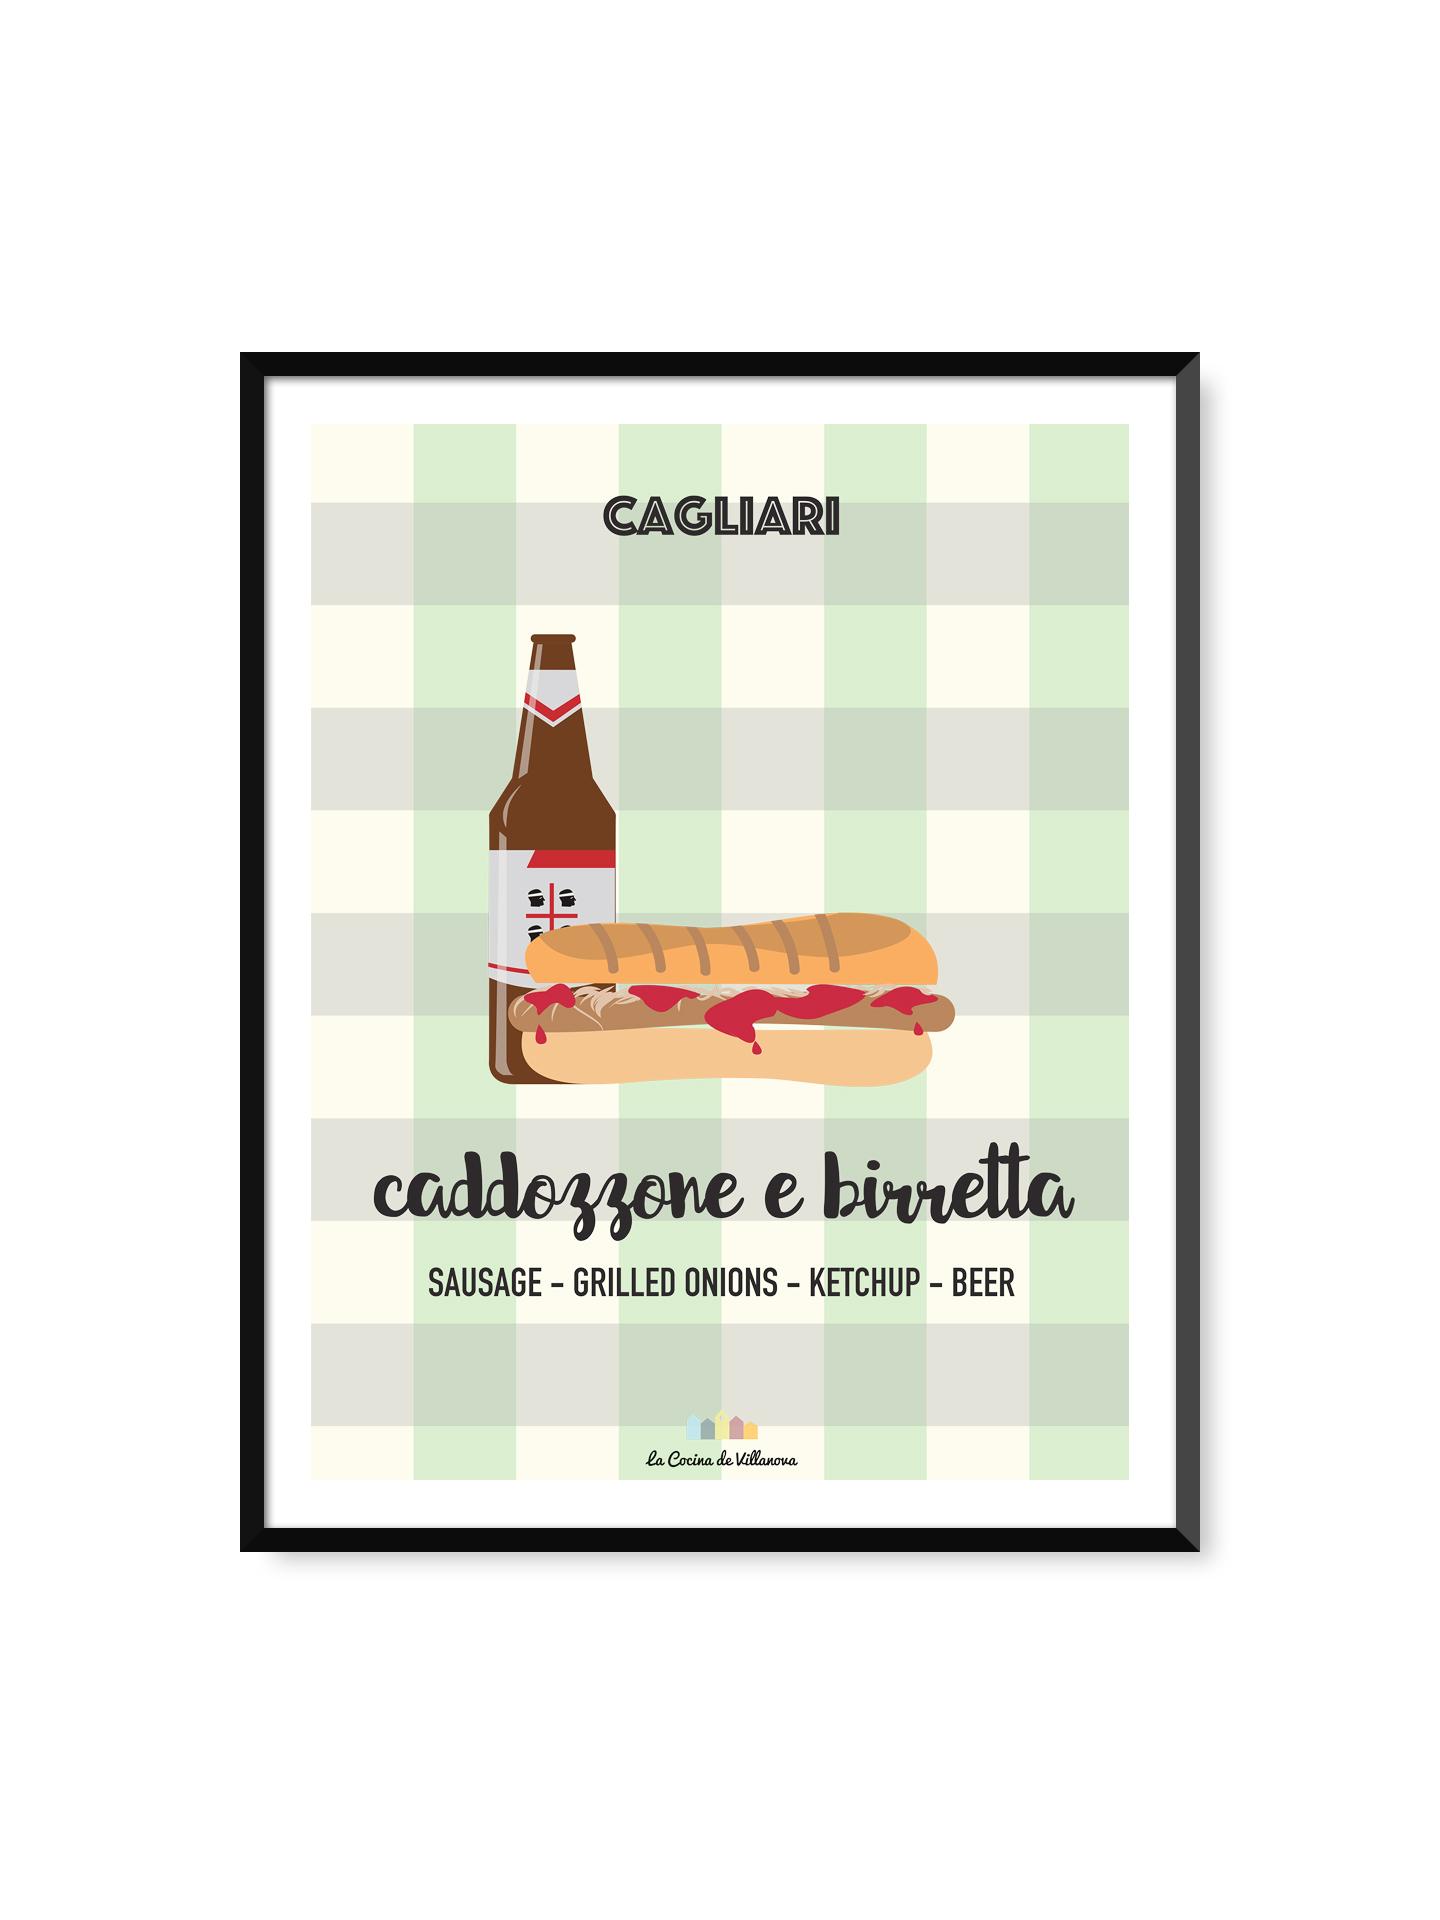 caddozzone-e-birretta-poster-large